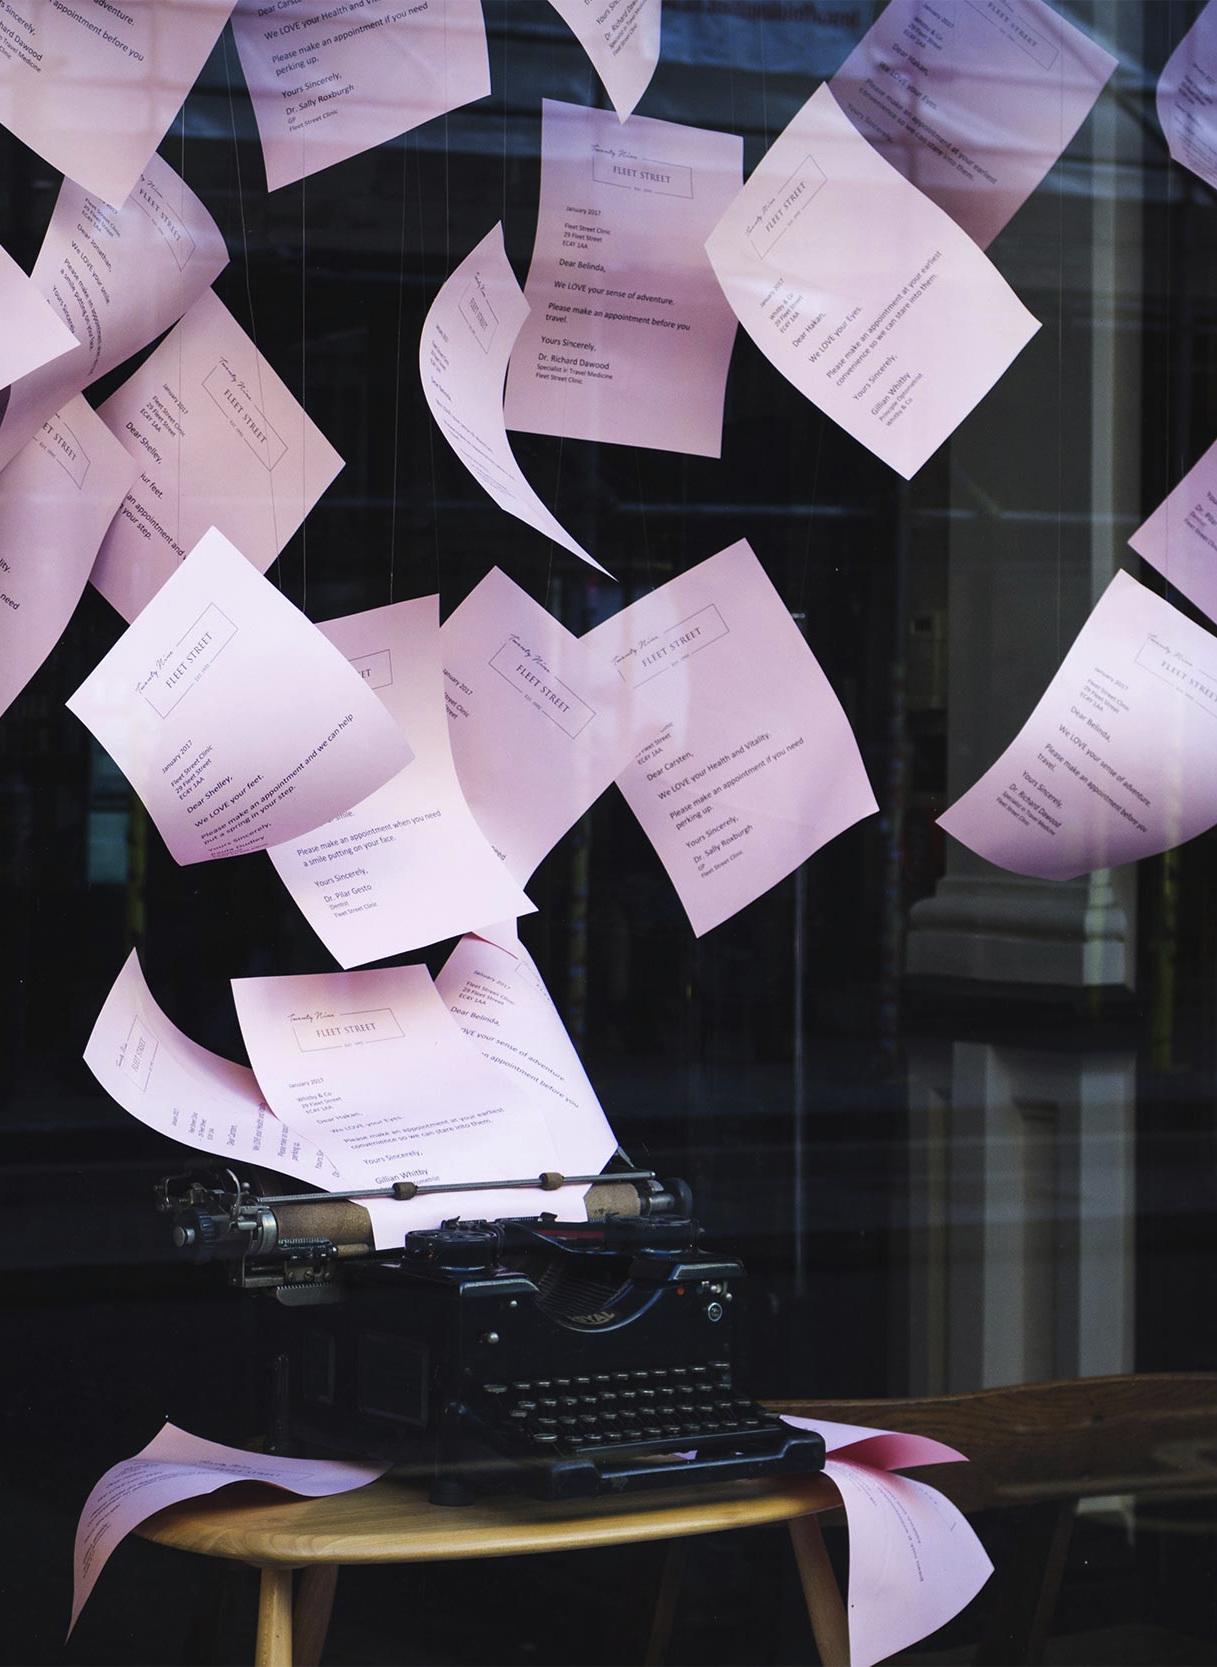 Storytelling_Typewriter_of_Floating_Ideas